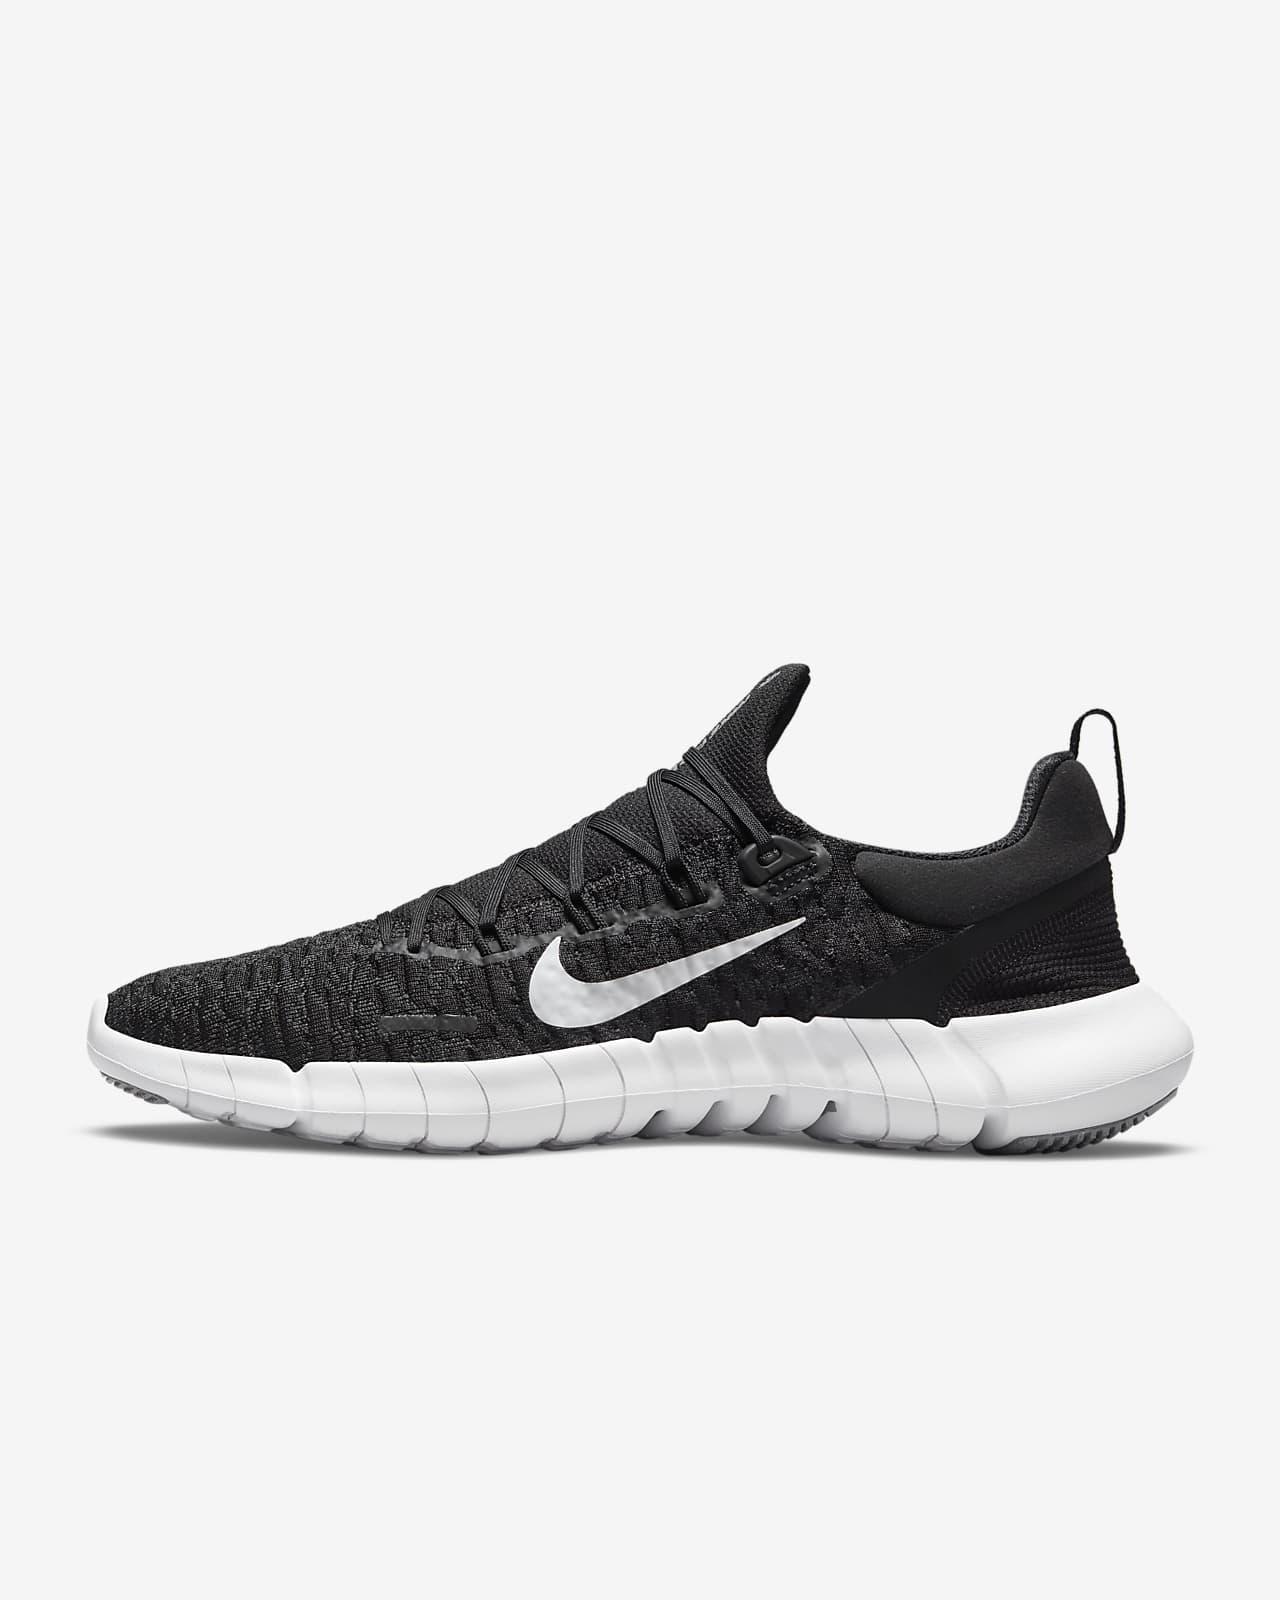 Calzado de running para carretera para mujer Nike Free Run 5.0